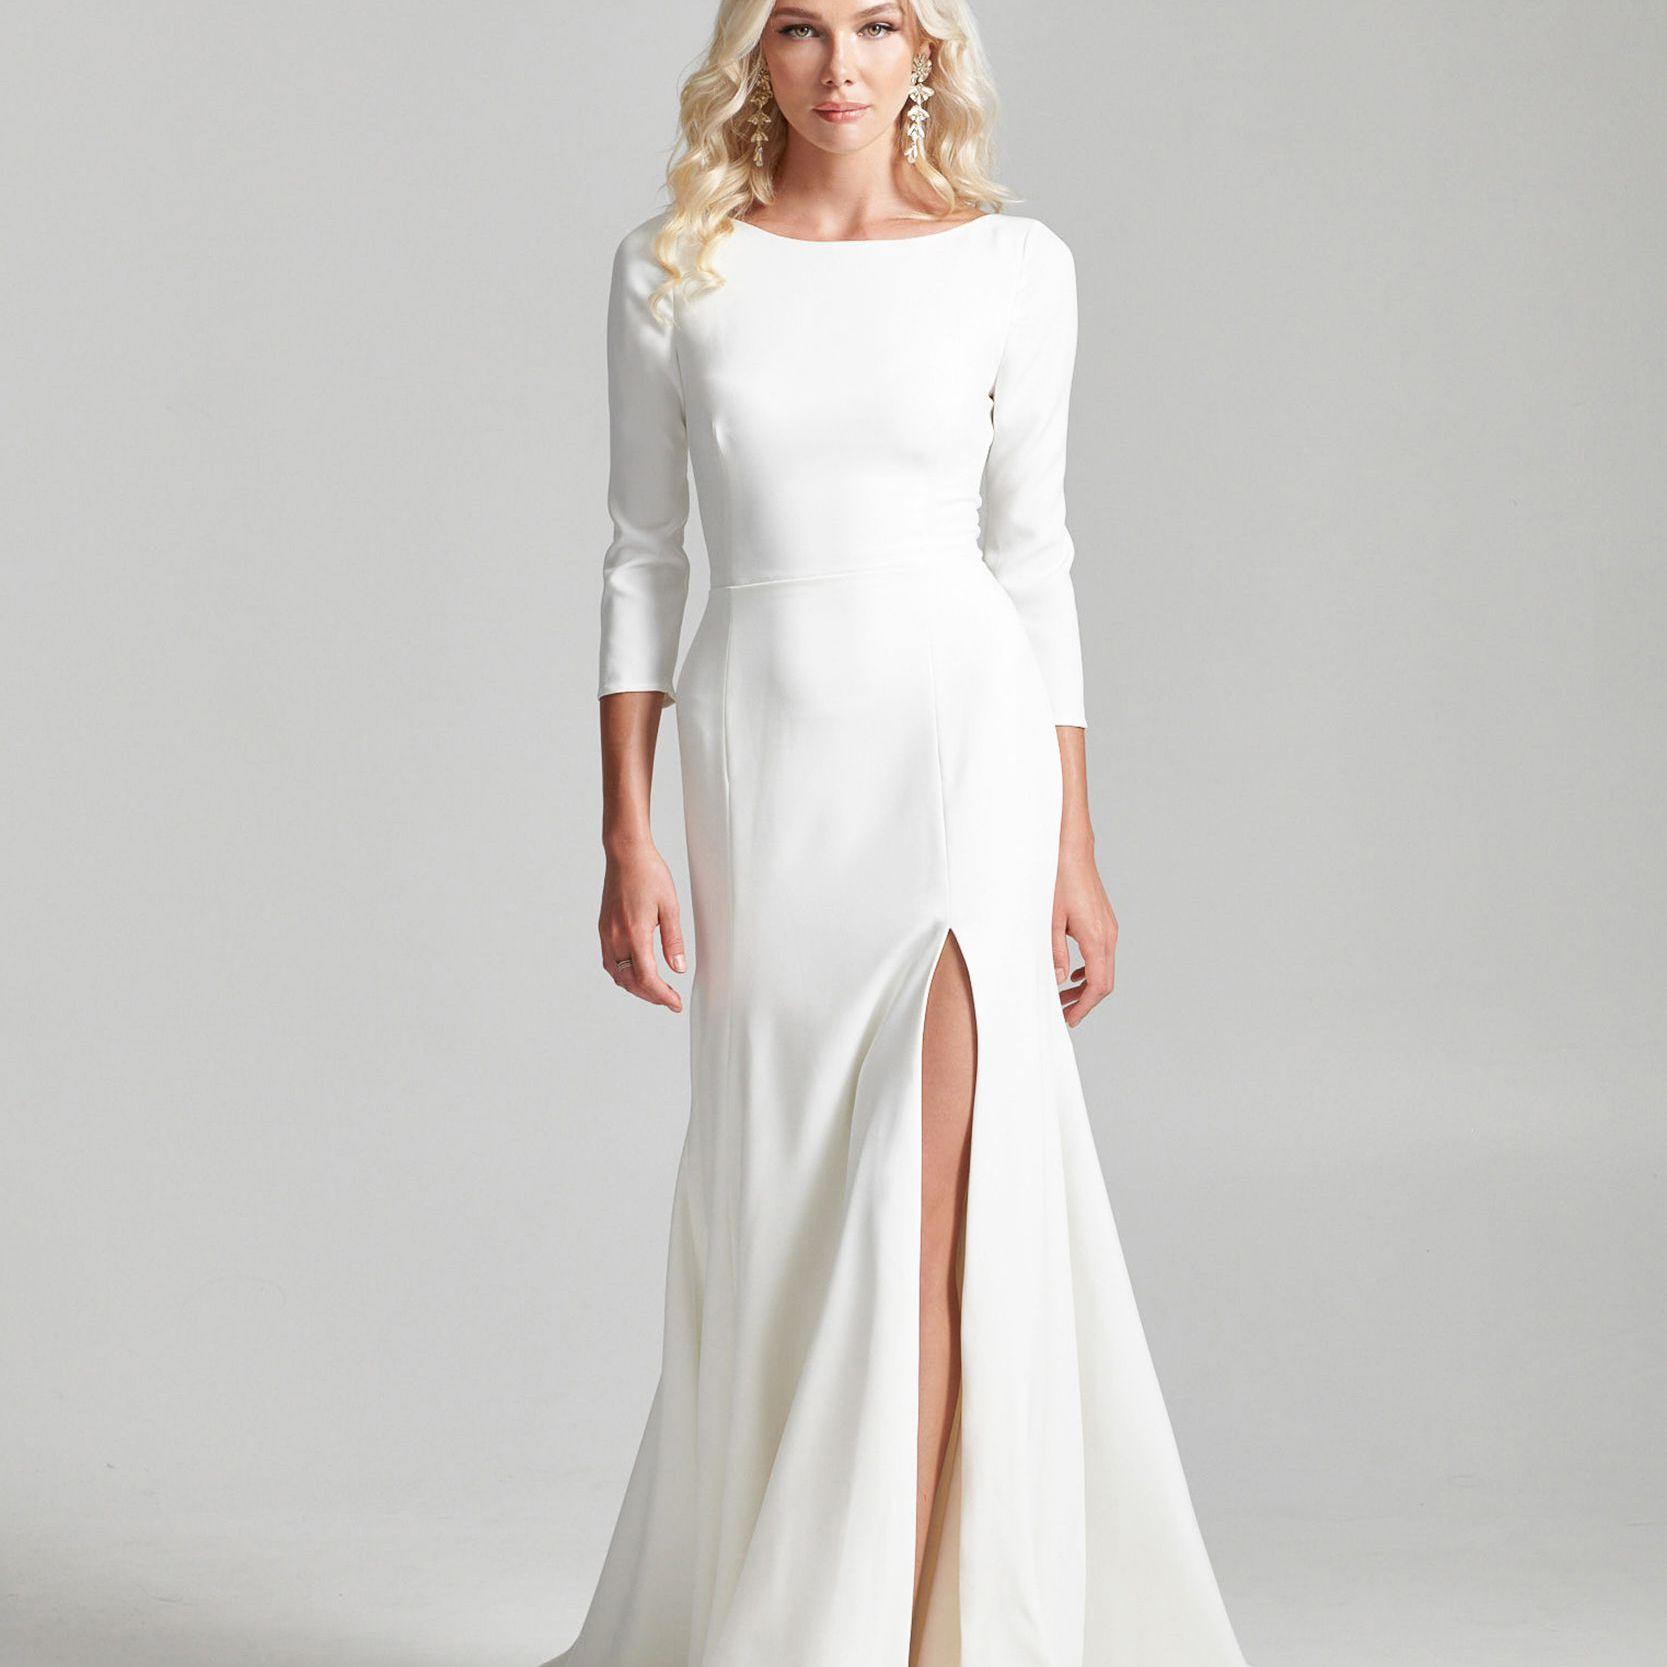 Model in three-quarter sleeve white wedding dress with skirt slit